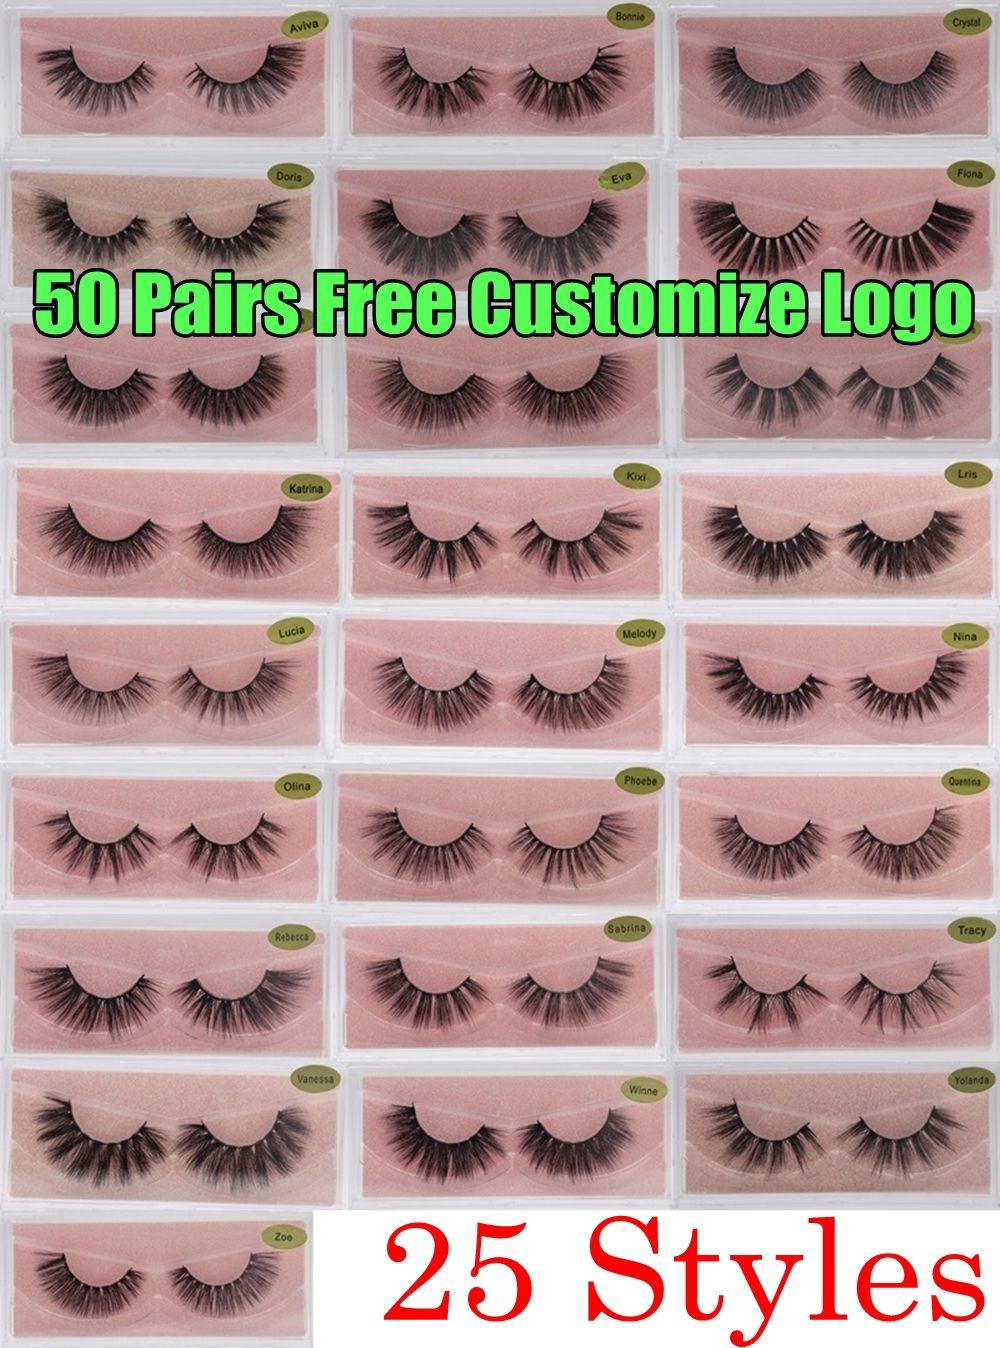 3D Mink Wimpern Faux Natürliche falsche Wimpern 3D Mink Wimpern Weiche Make-up Erweiterung Make-up Gefälschte Wimpern 3d Wimpern Freie Anpassen Logo